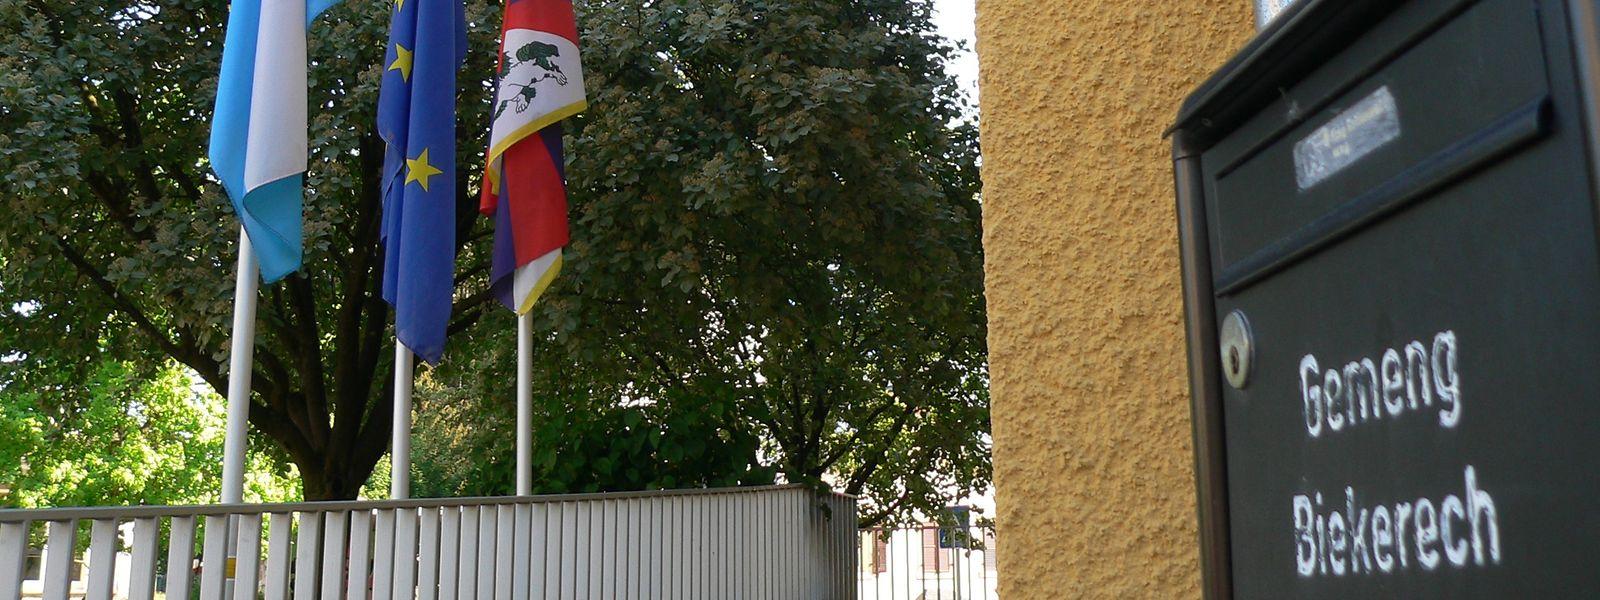 Vor dem Rathaus in Beckerich hängen die Fahnen nach dem Tod Camille Giras auf Halbmast.